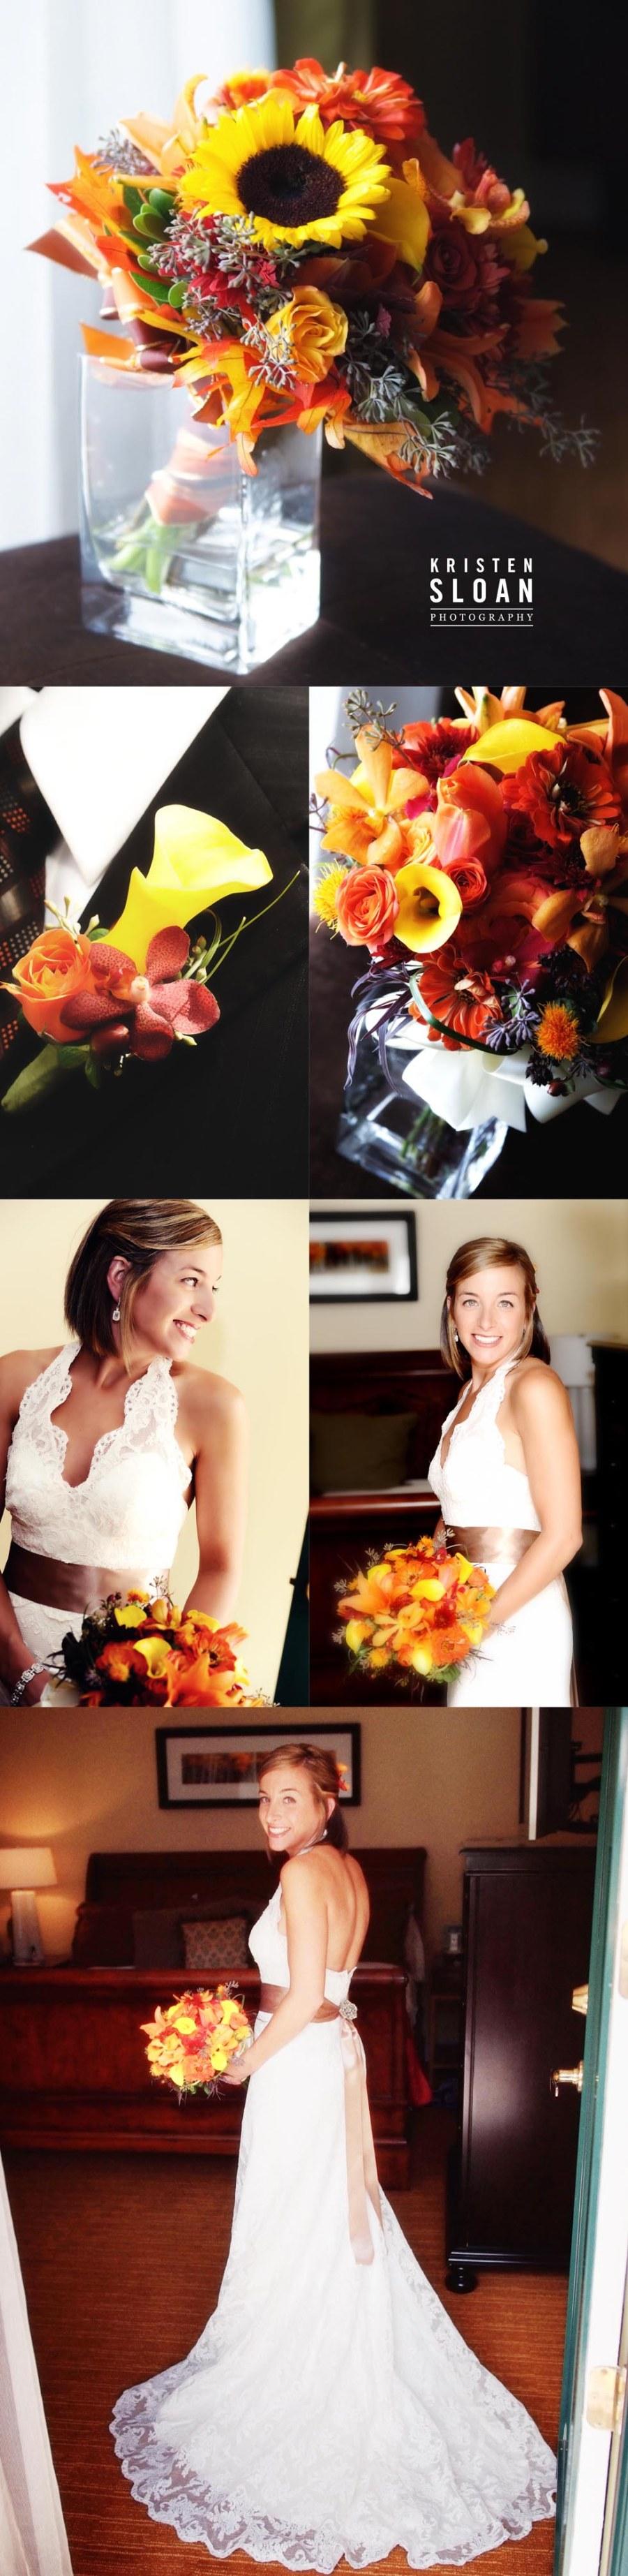 vail mountaintop wedding